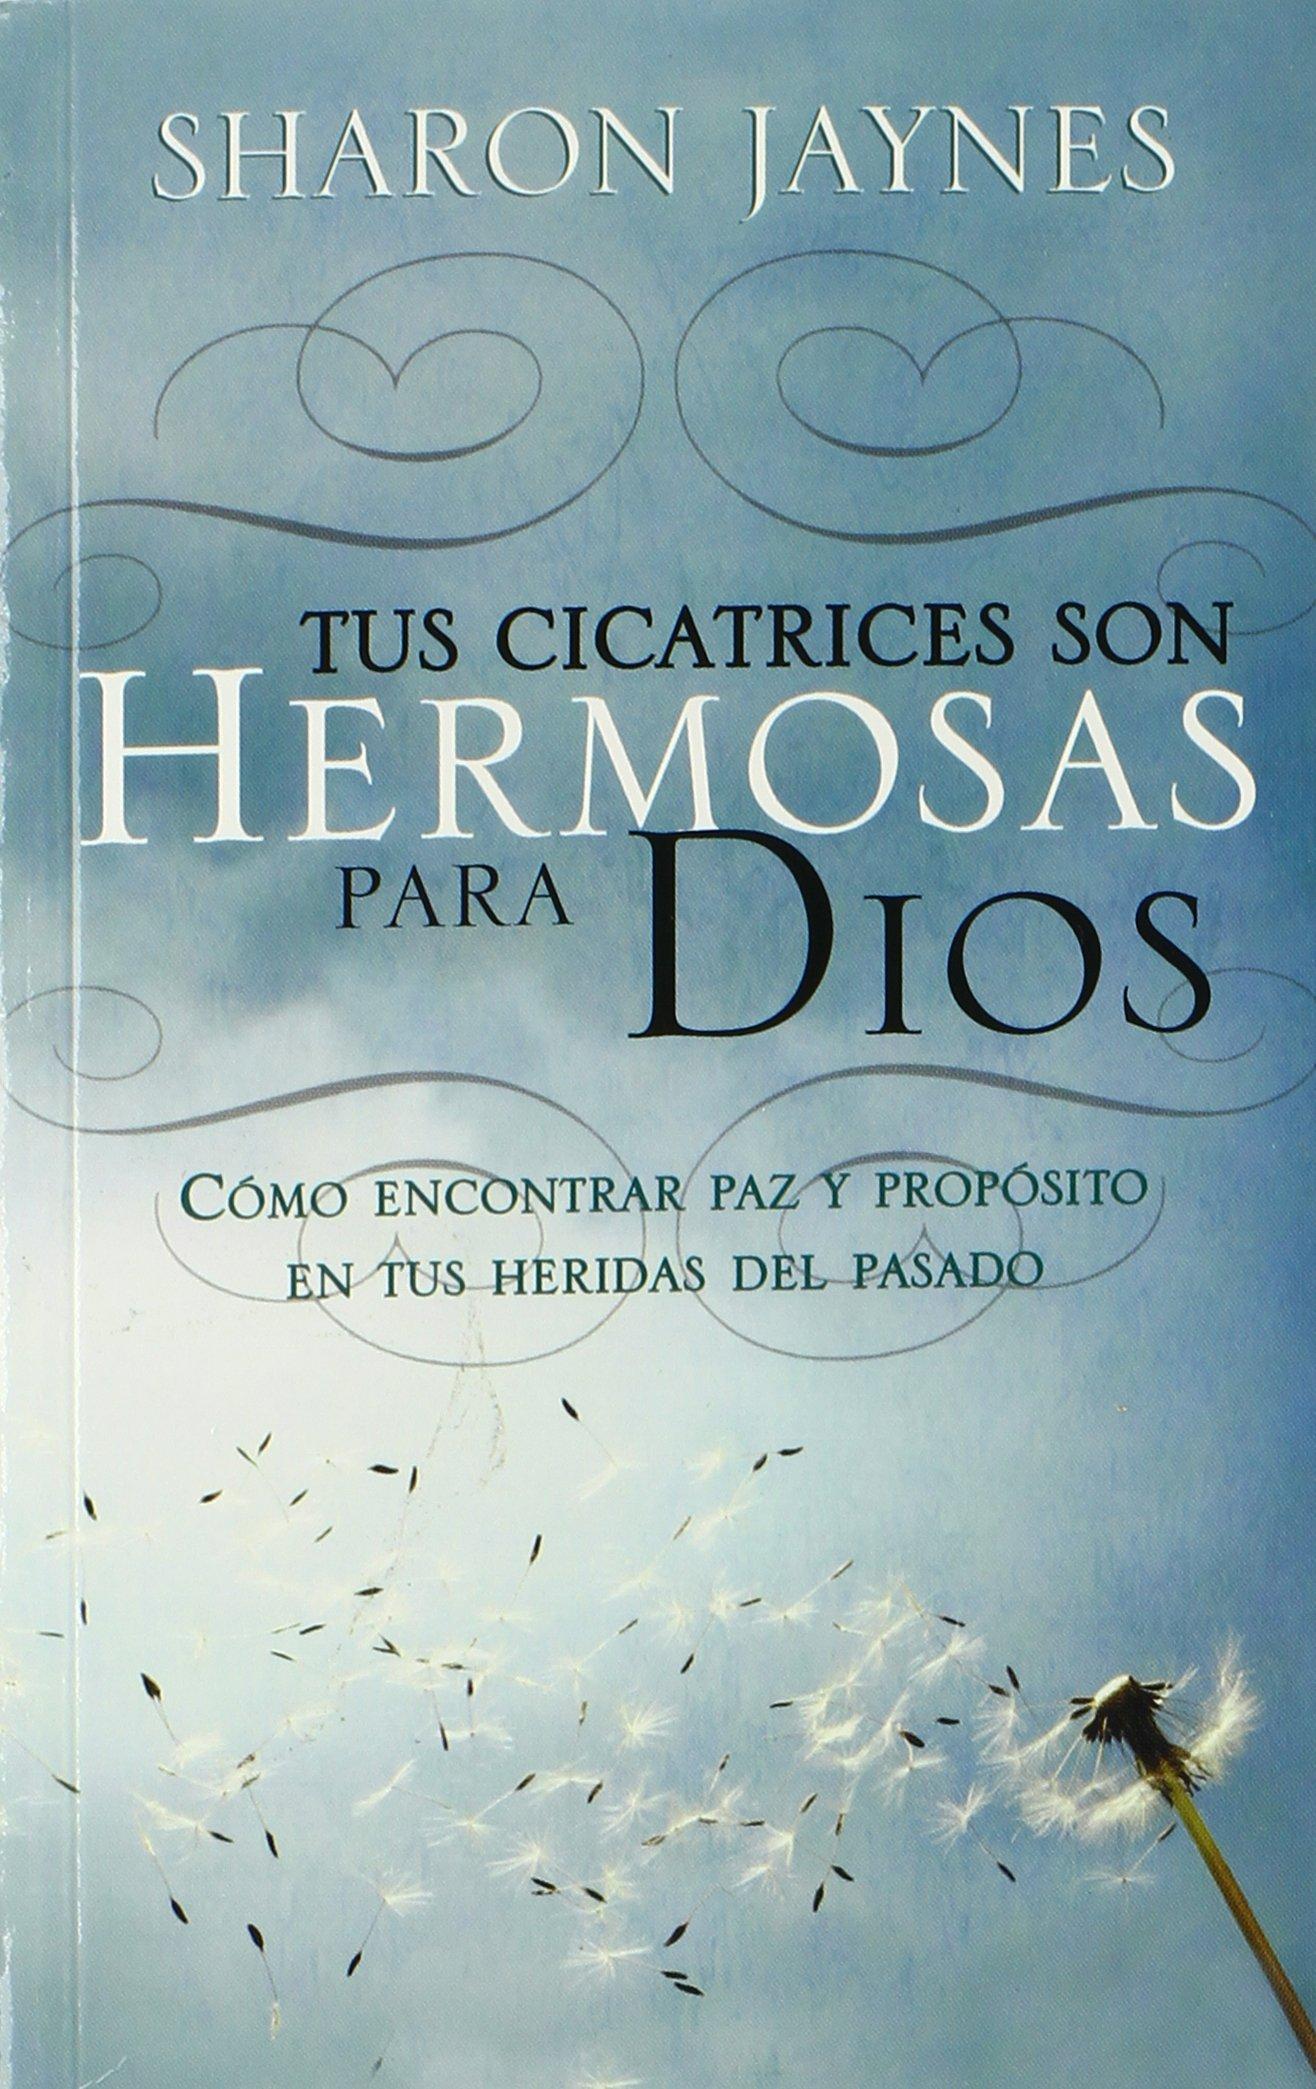 Bosquejos de sermones bautistas pdf